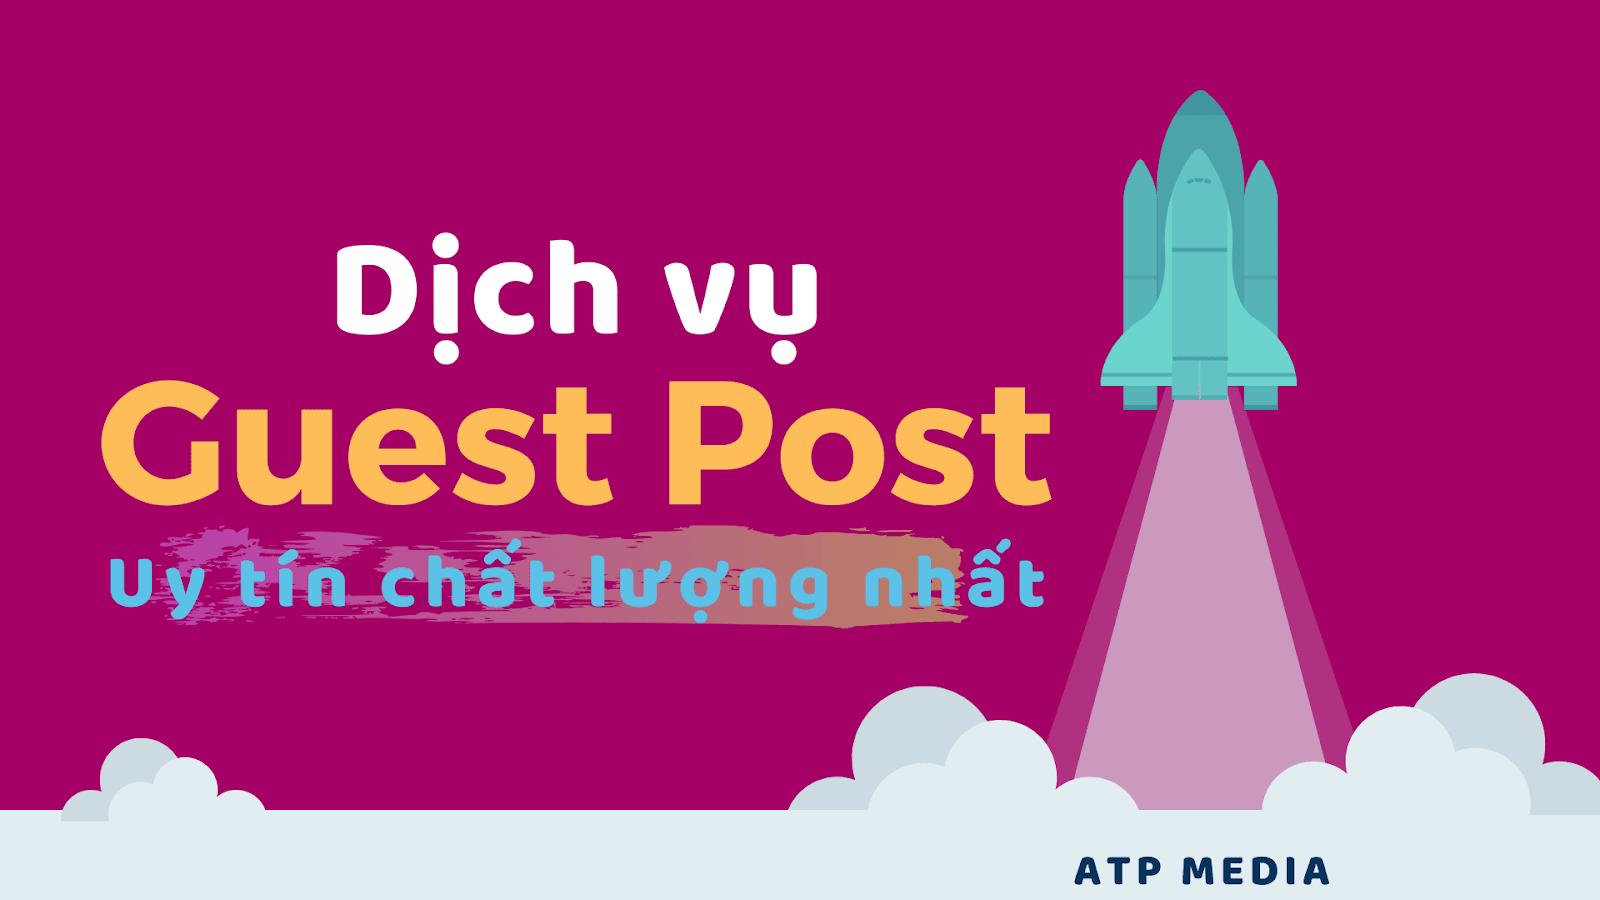 Dịch vụ Guest Post uy tín chất lượng nhất - ATP Software